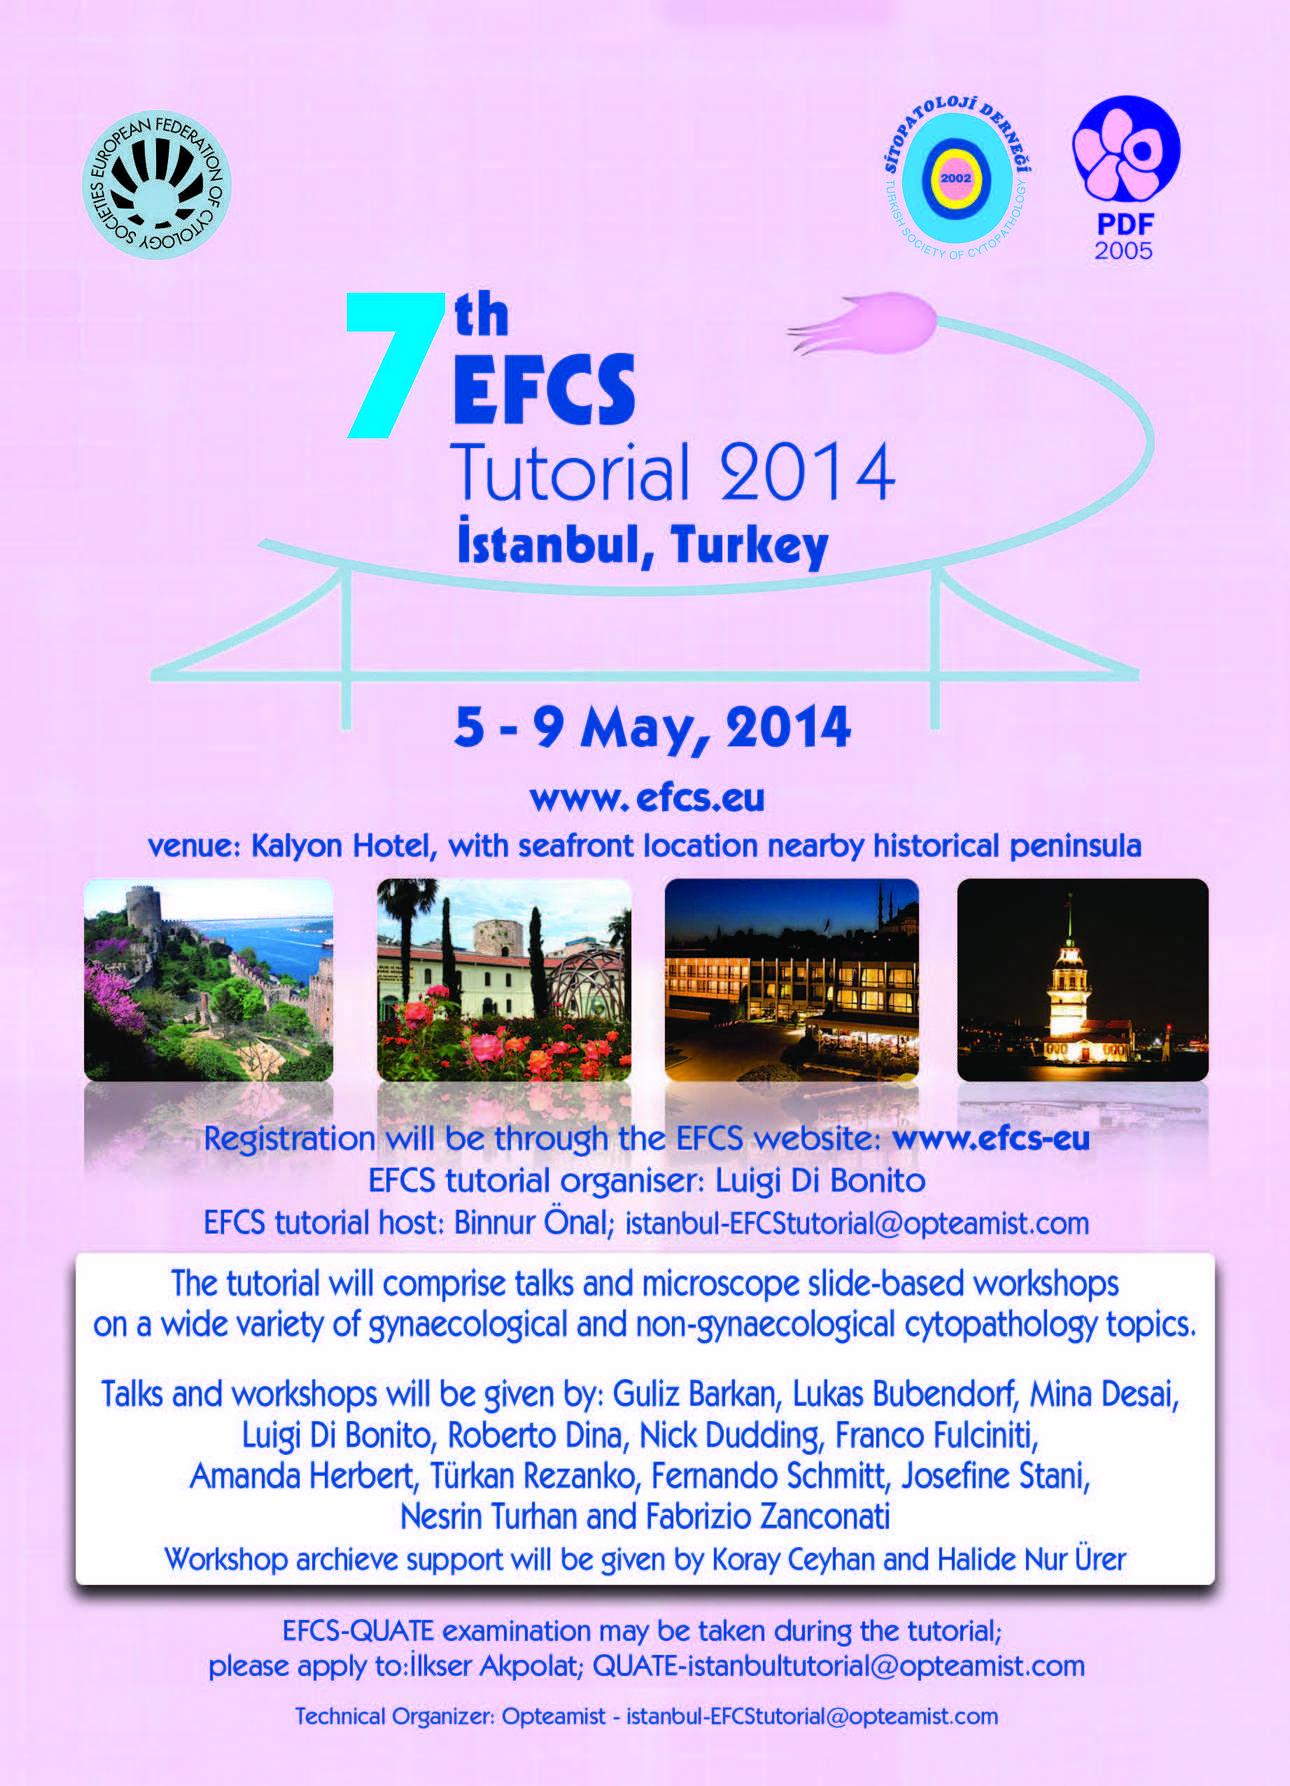 7 EFCS tutorial